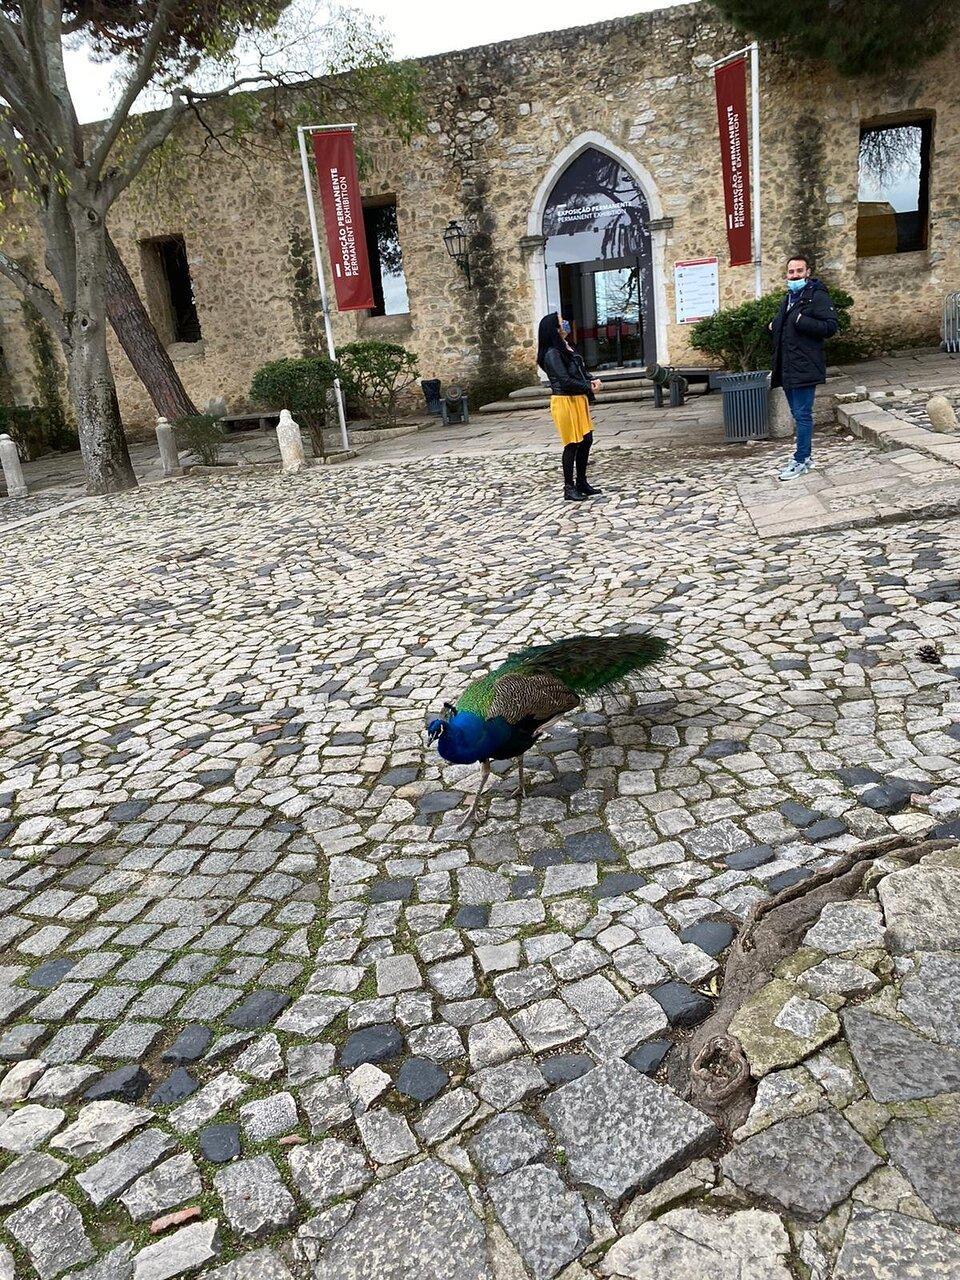 Castelo De Sao Jorge Lisbonne 2021 Ce Qu Il Faut Savoir Pour Votre Visite Tripadvisor